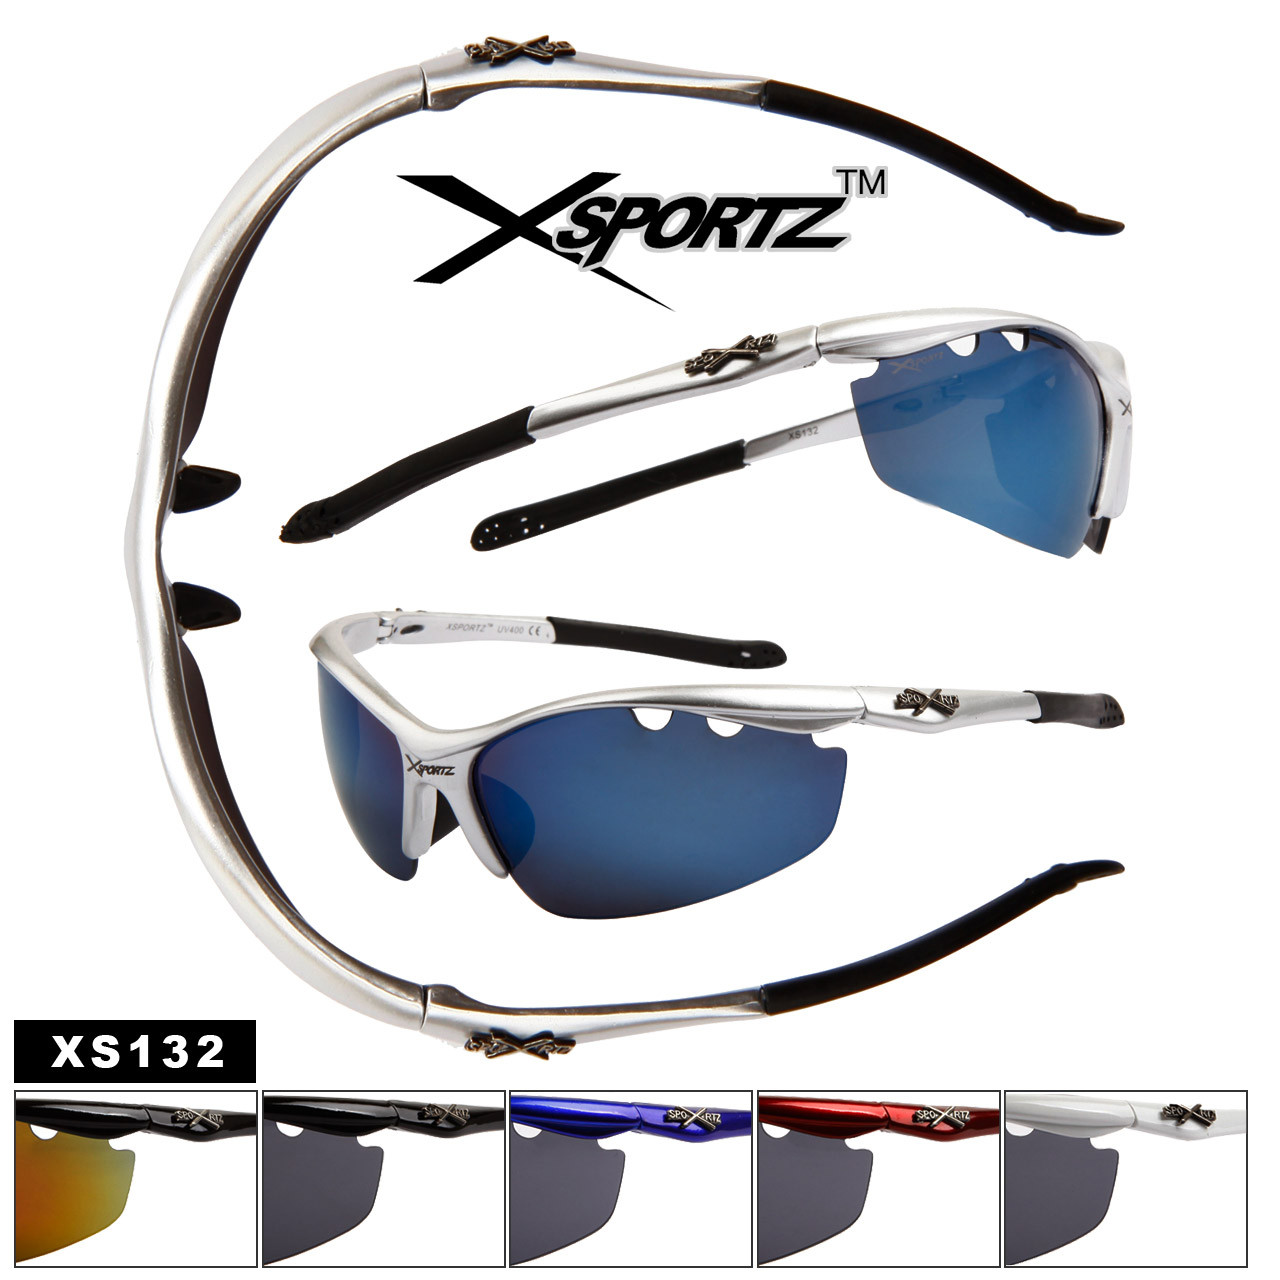 Wholesale Men's Sports Sunglasses XS132